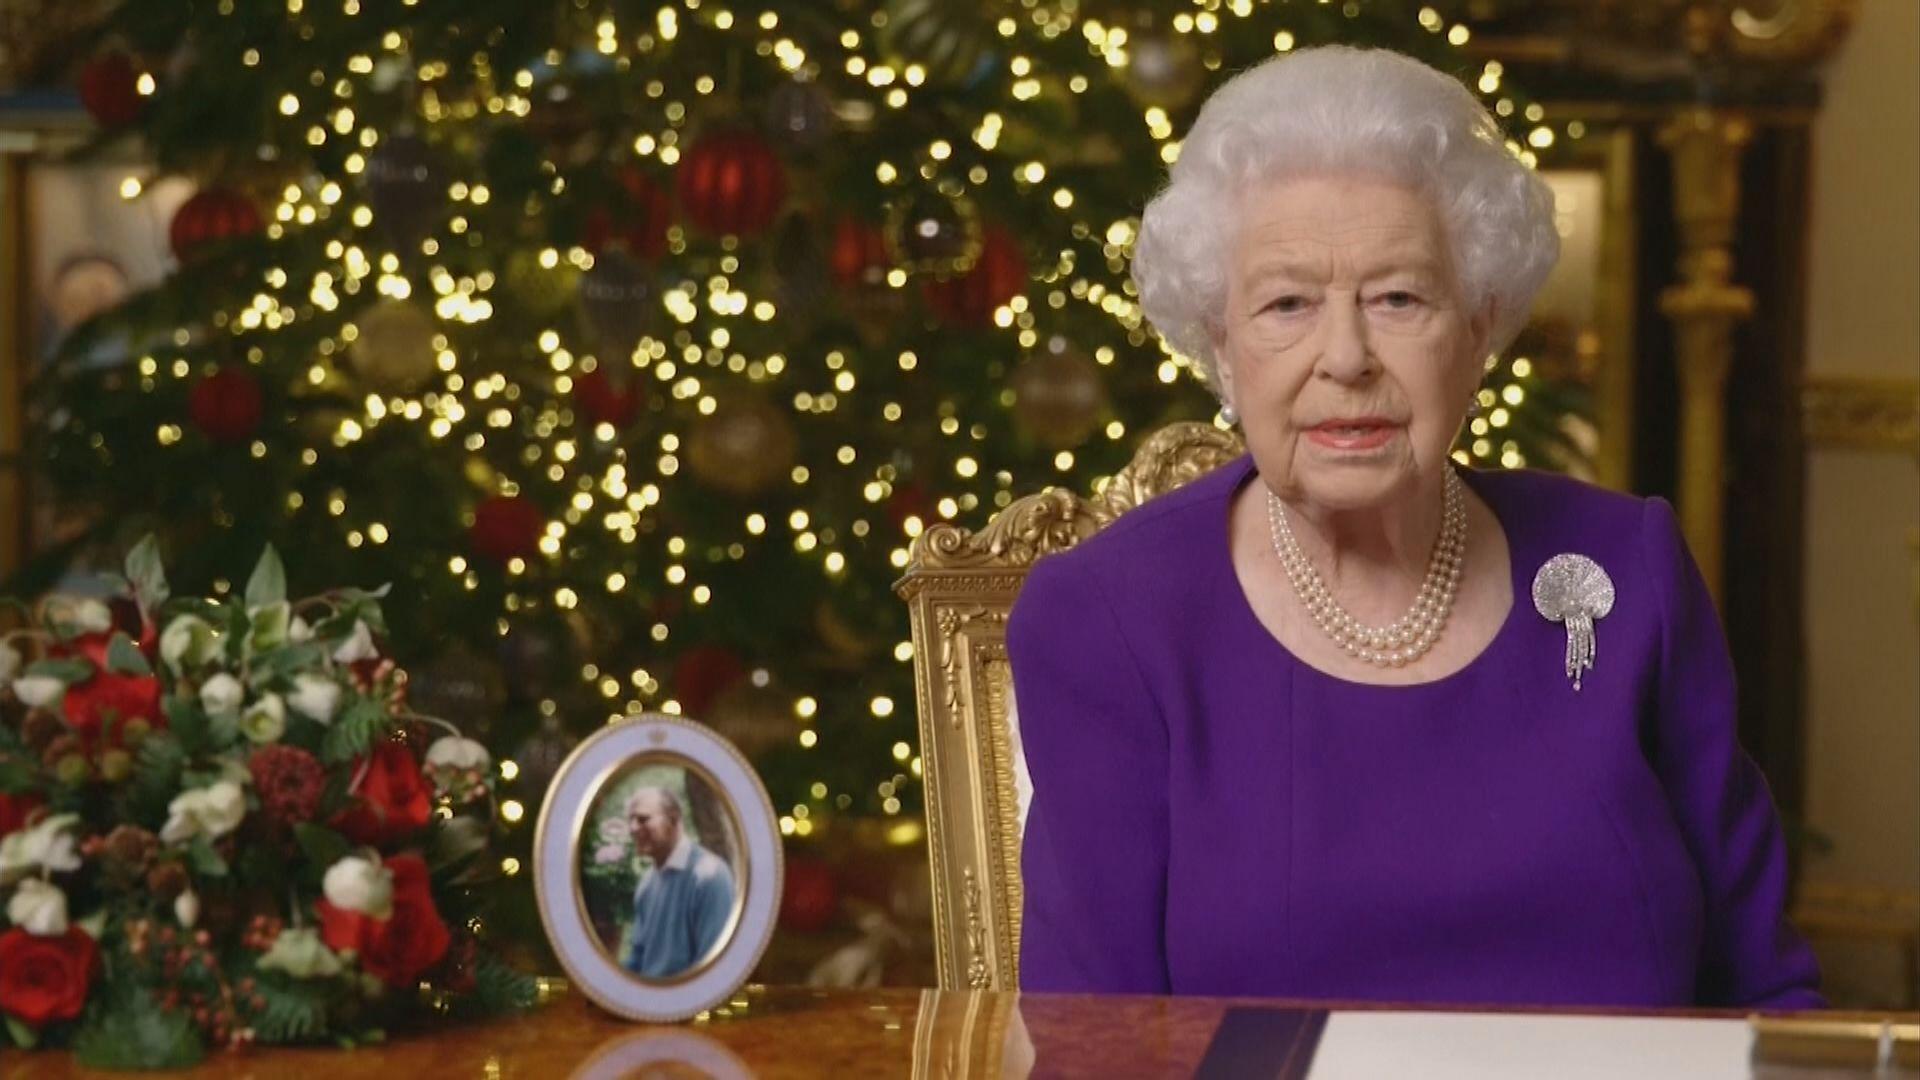 英女王聖誕文告感謝醫護人員對抗擊新冠病毒疫情貢獻